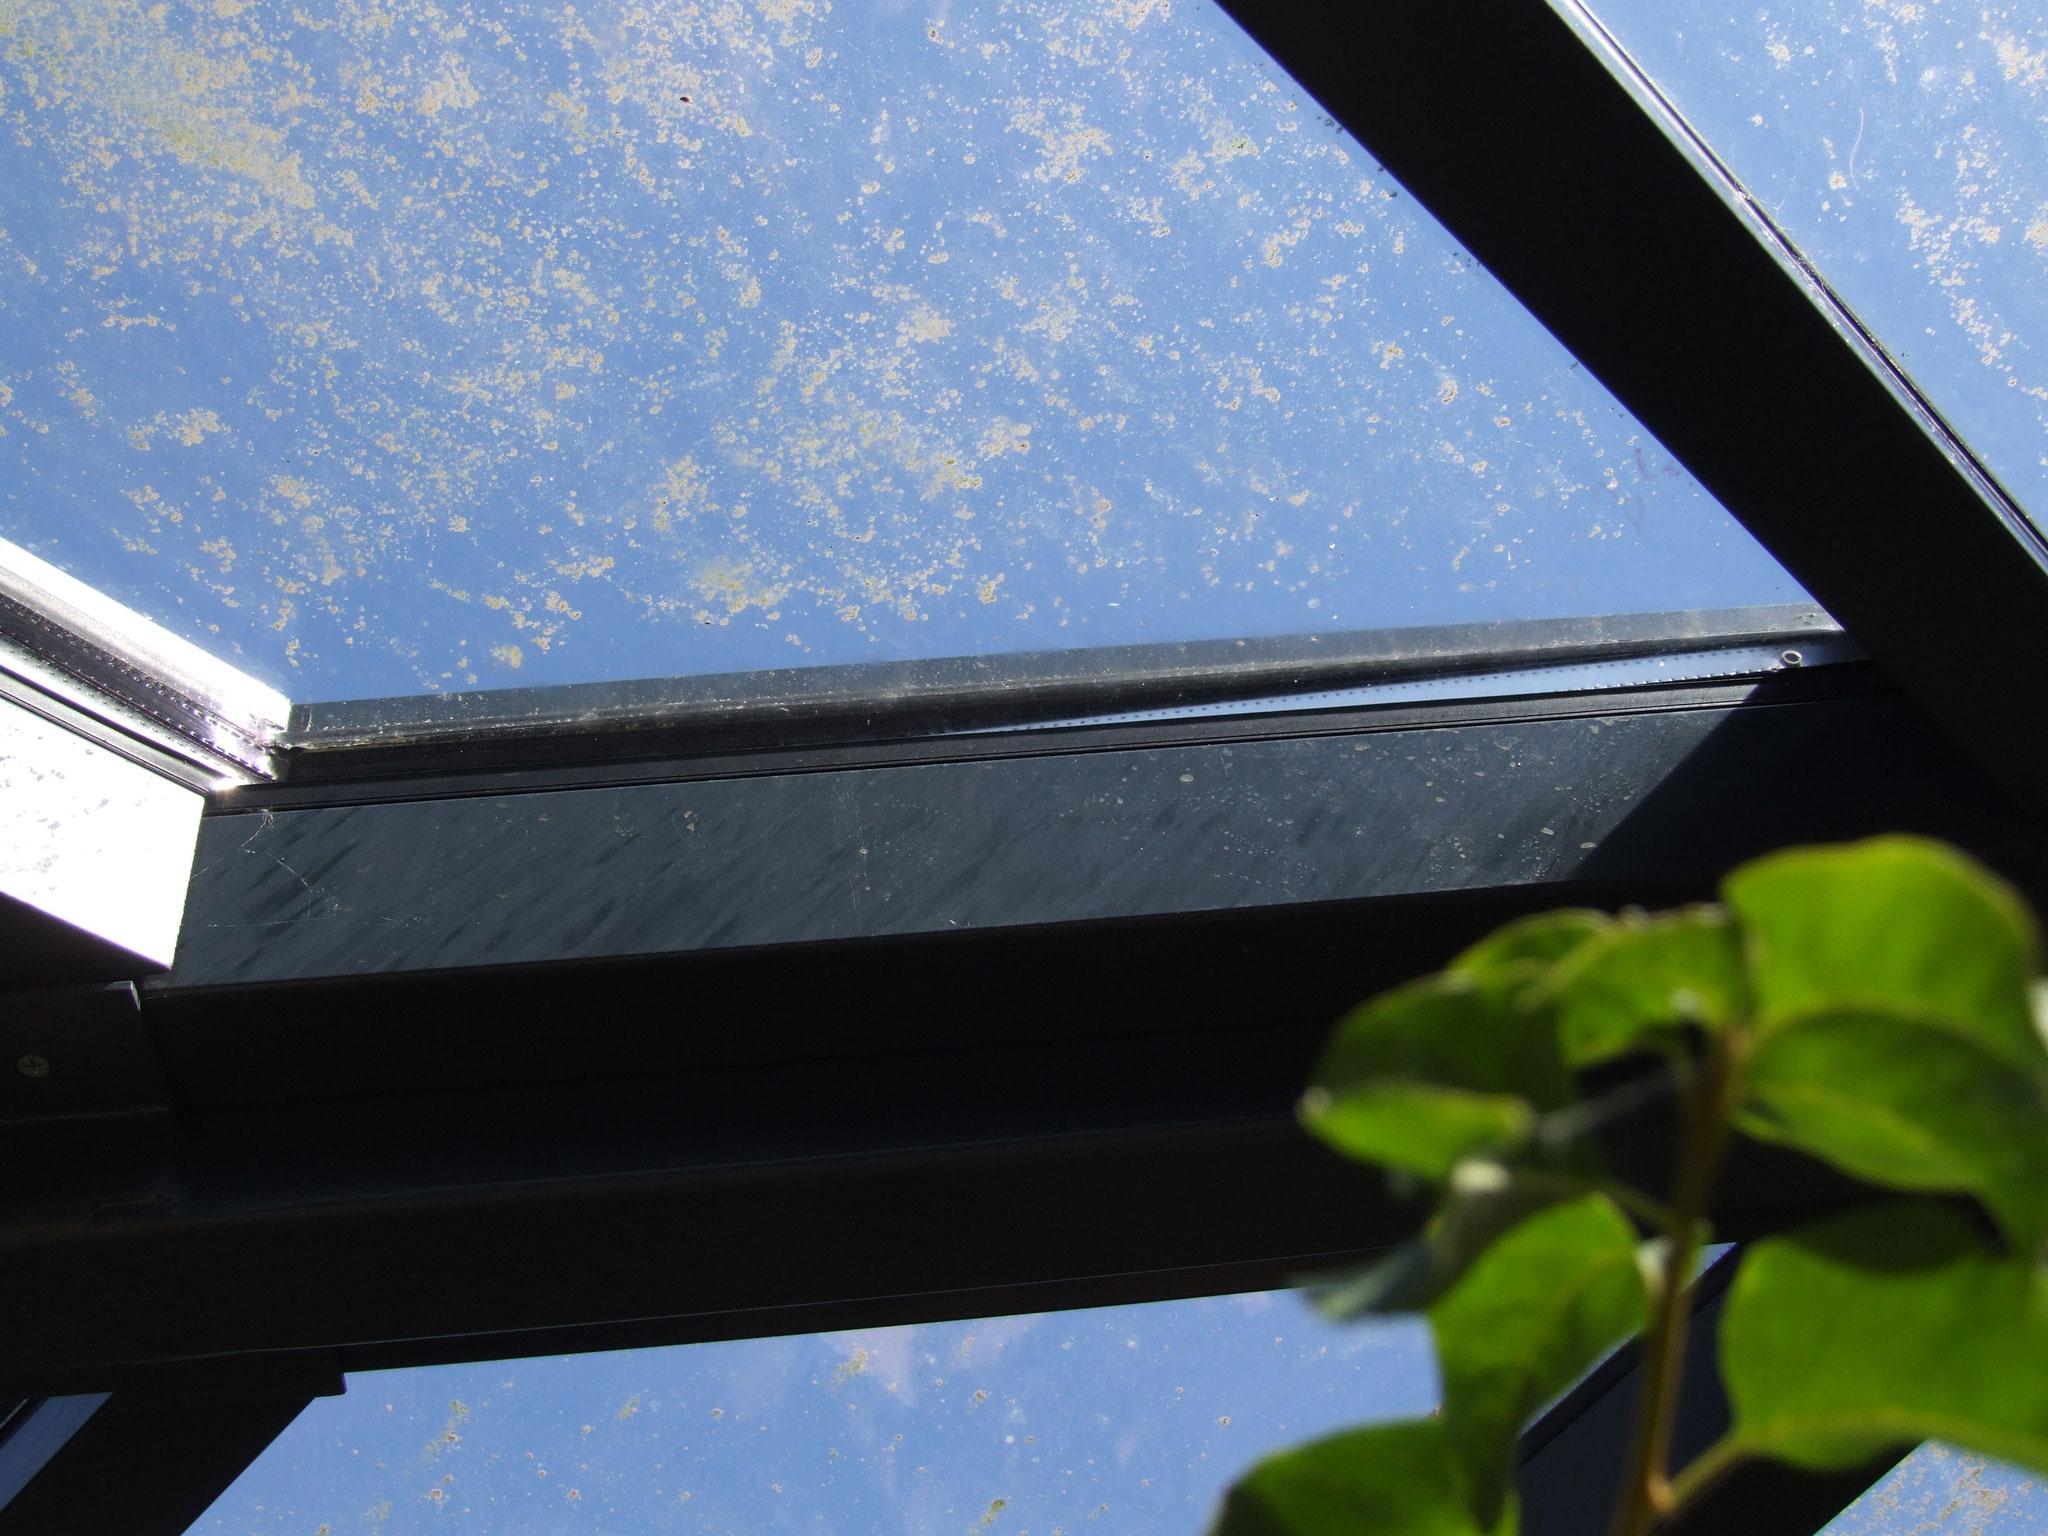 géométrie de verre et de structure discordante : non coordination ou erreur (épure au sol ne tenant pas compte d'une pente !?)